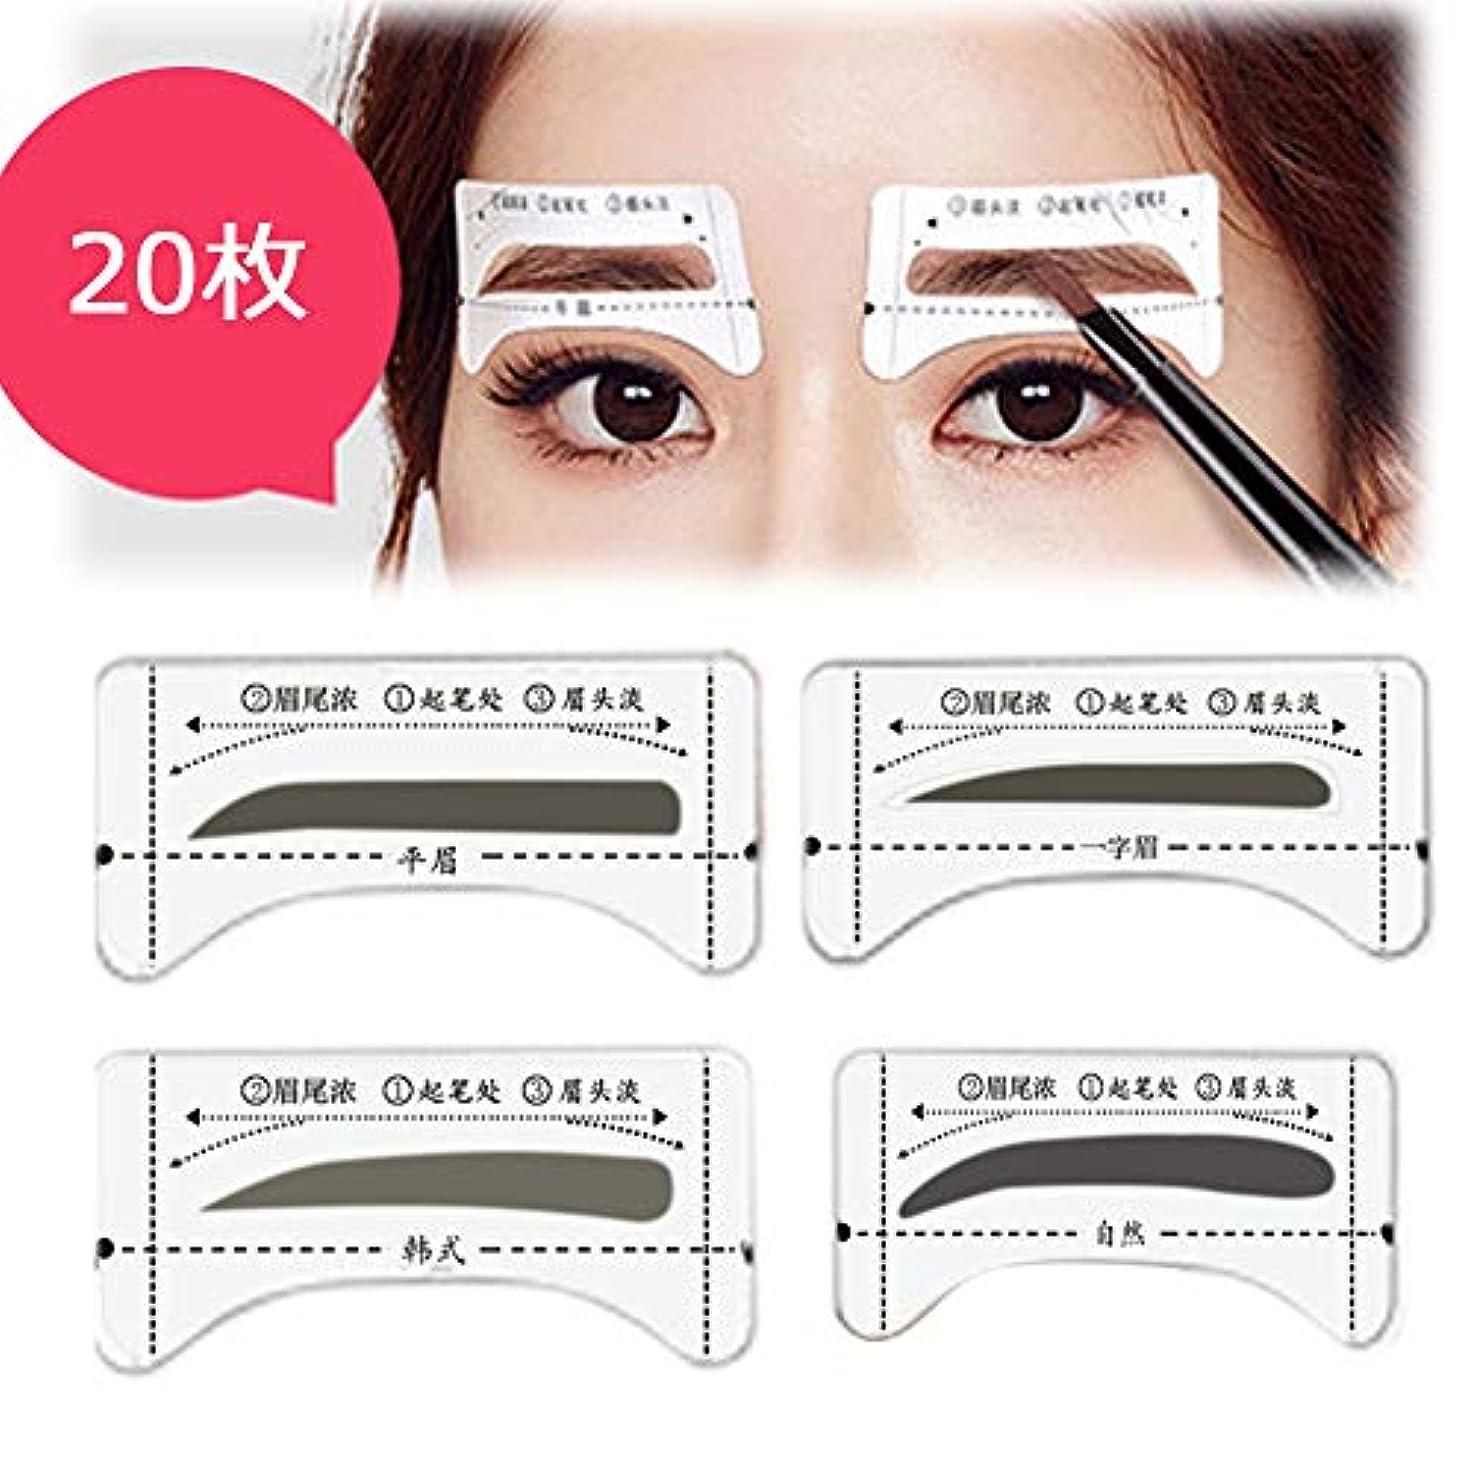 起訴するシーボード空中眉テンプレート 眉毛 4種20枚(韓国風、一言眉、自然、平らな眉毛)片手使用する